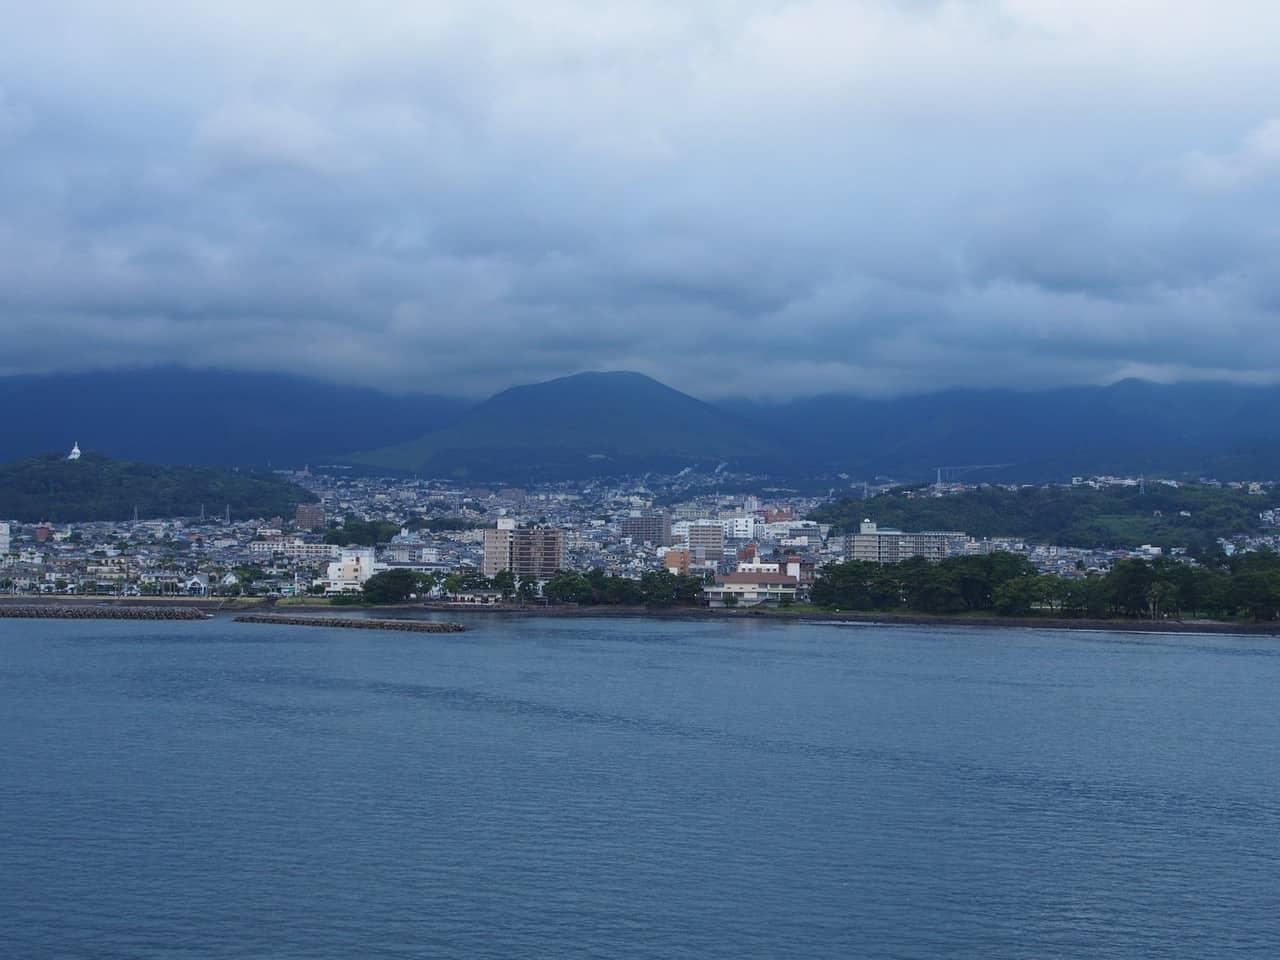 Ferry: la mejor opción para llegar a Kyushu